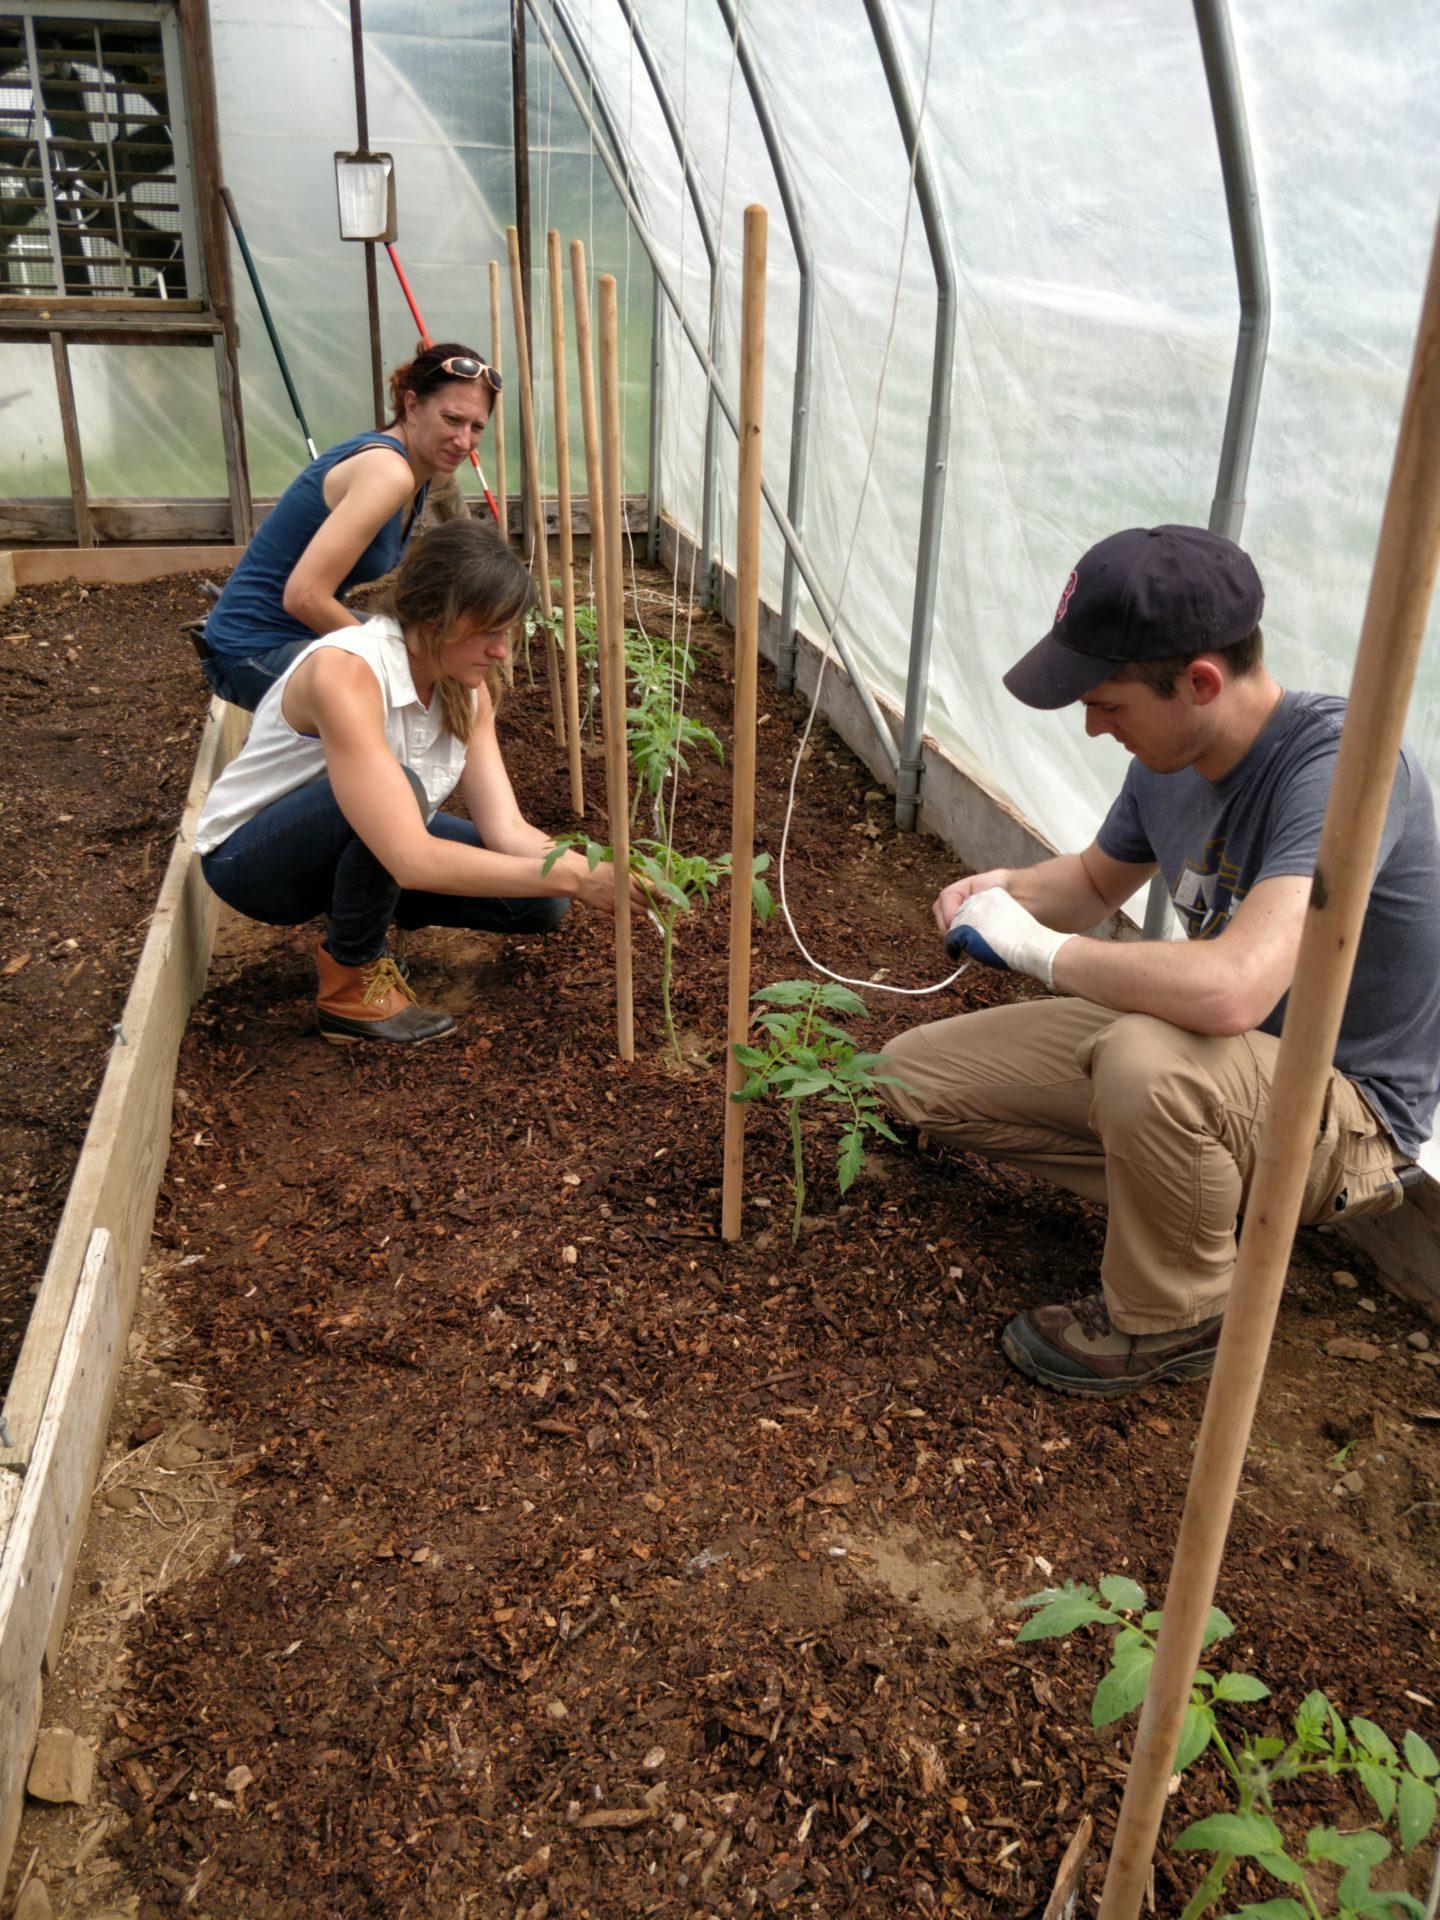 Beginning farmer program at Countryside